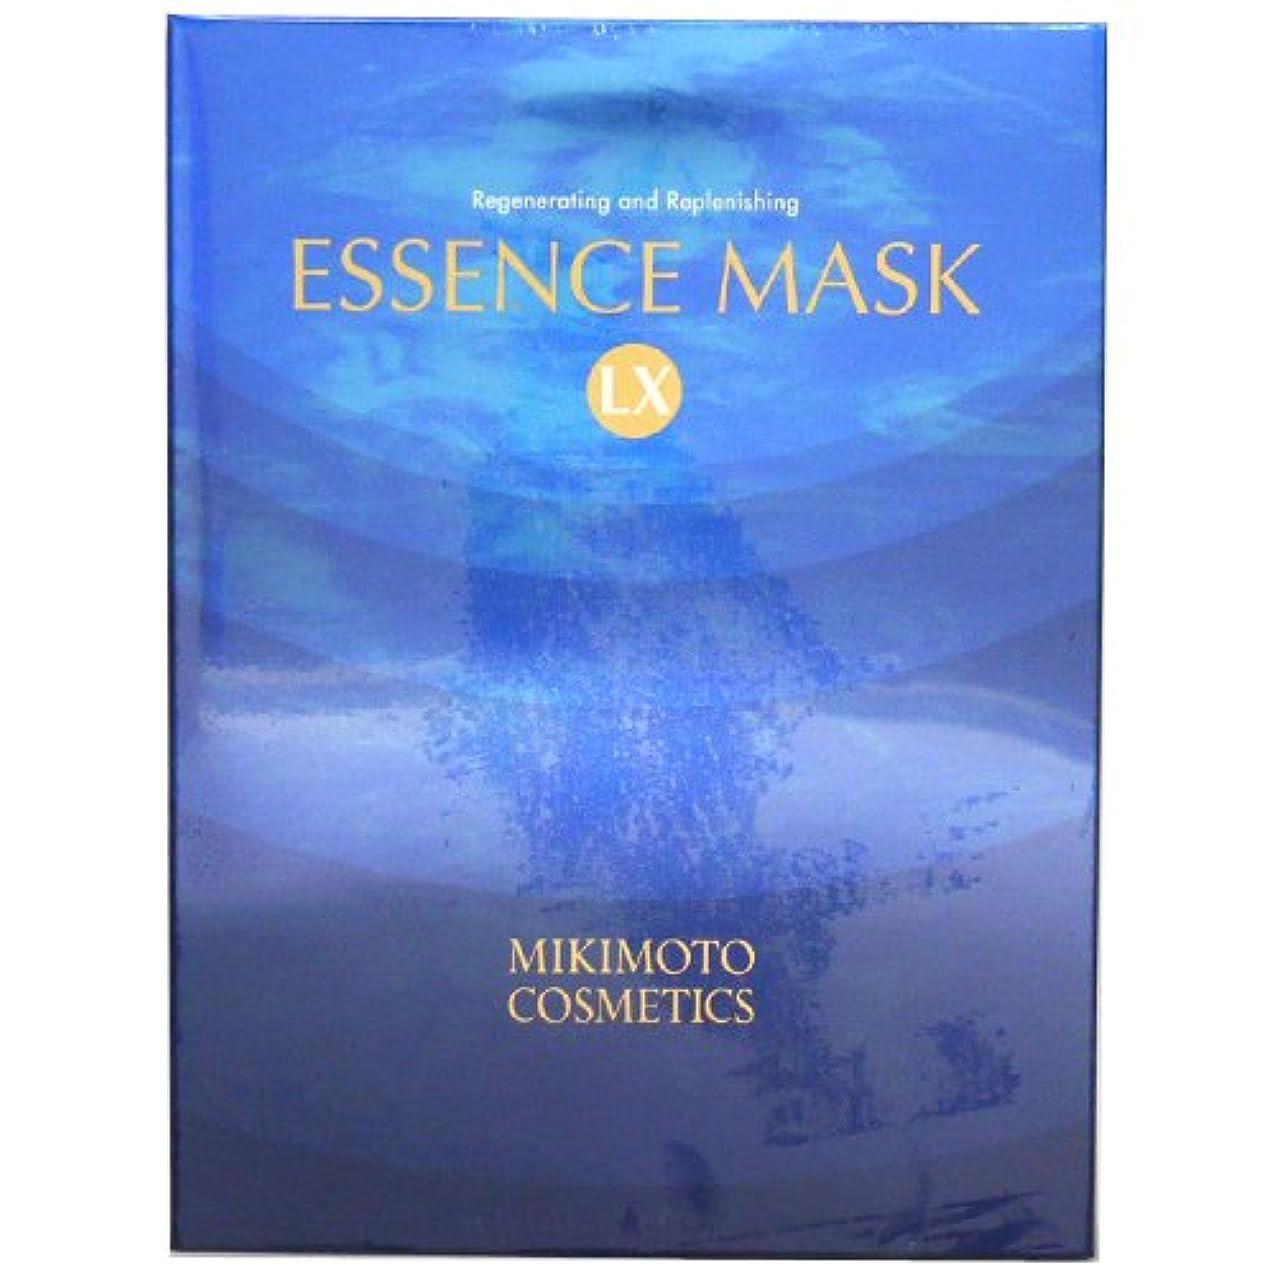 申し立てられた混合メキシコミキモト化粧品 MIKIMOTO コスメティックス エッセンスマスクLX (シート状美容マスク) 【6枚入】